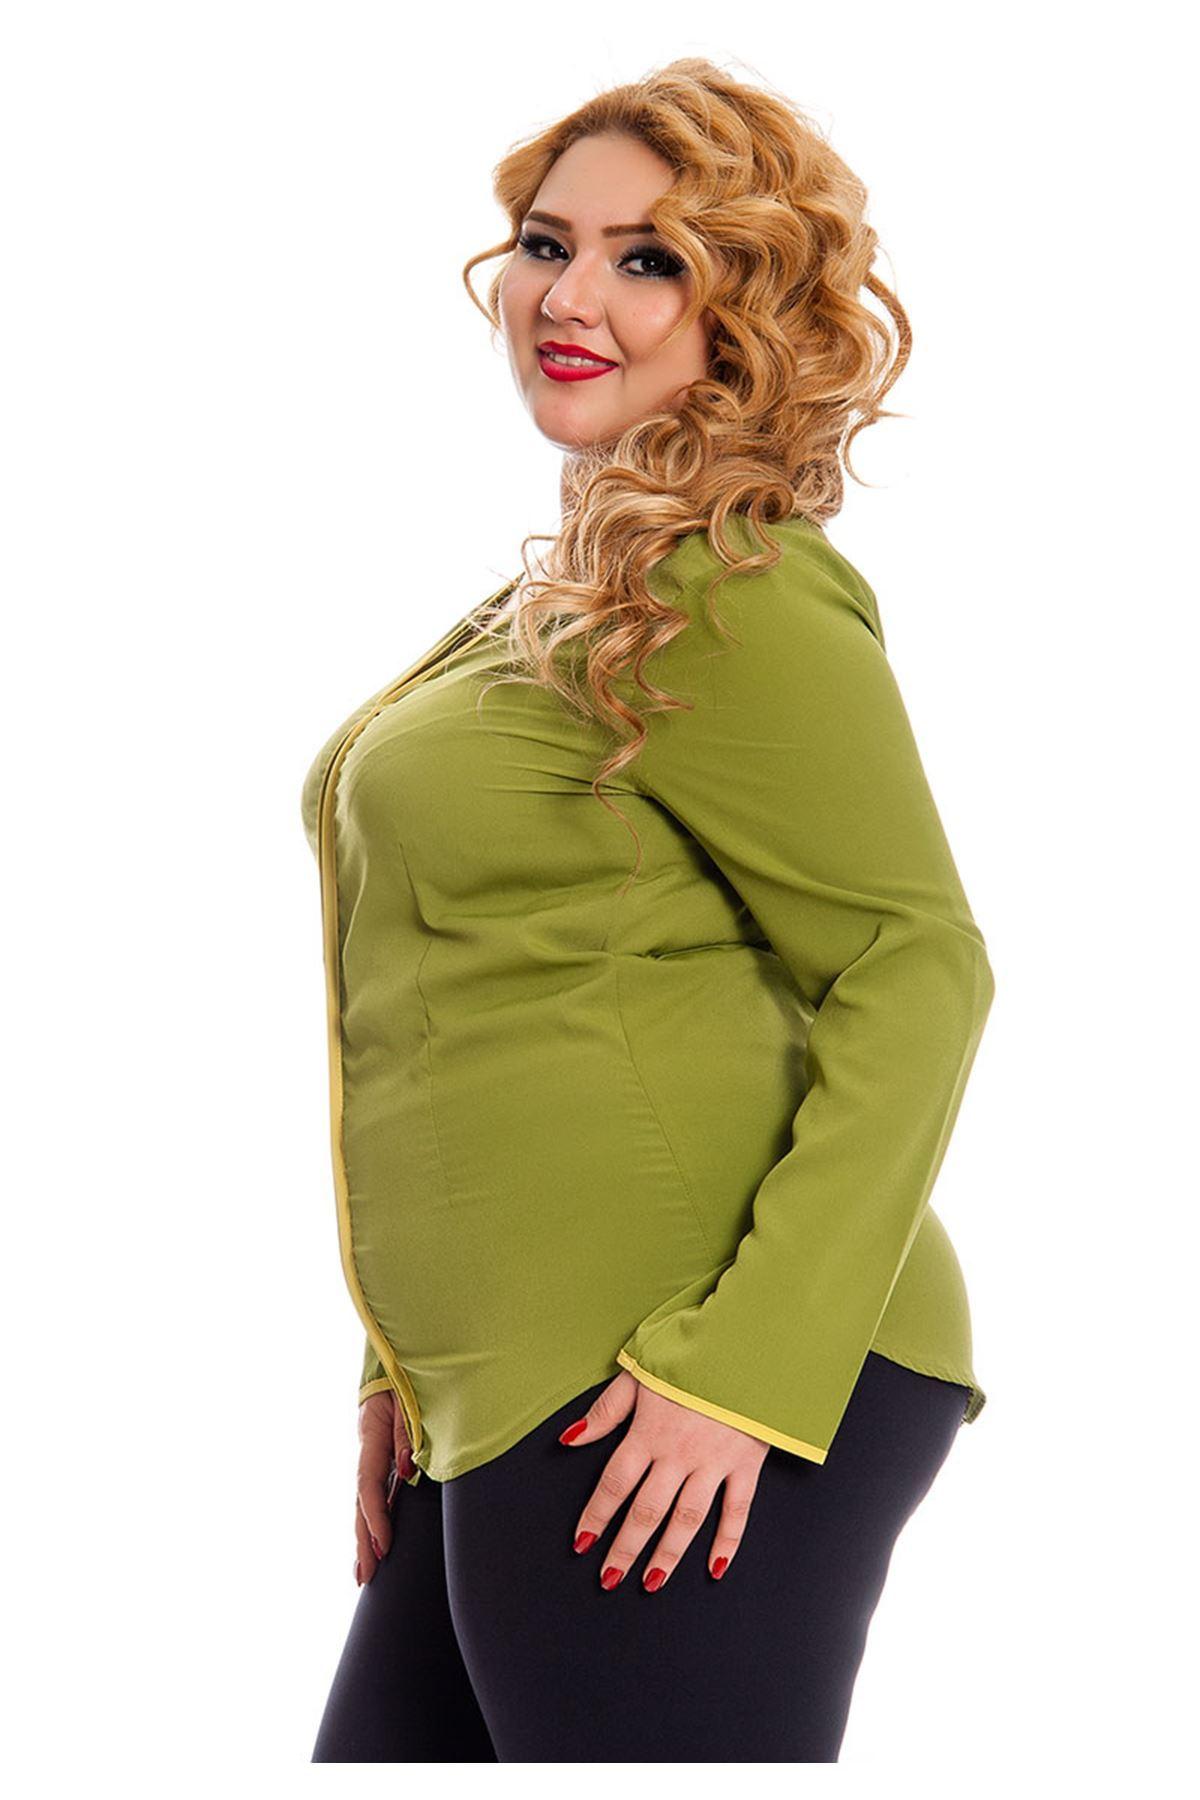 Büyük Beden Fıstık Yeşili Kadın Tunik G6-130942